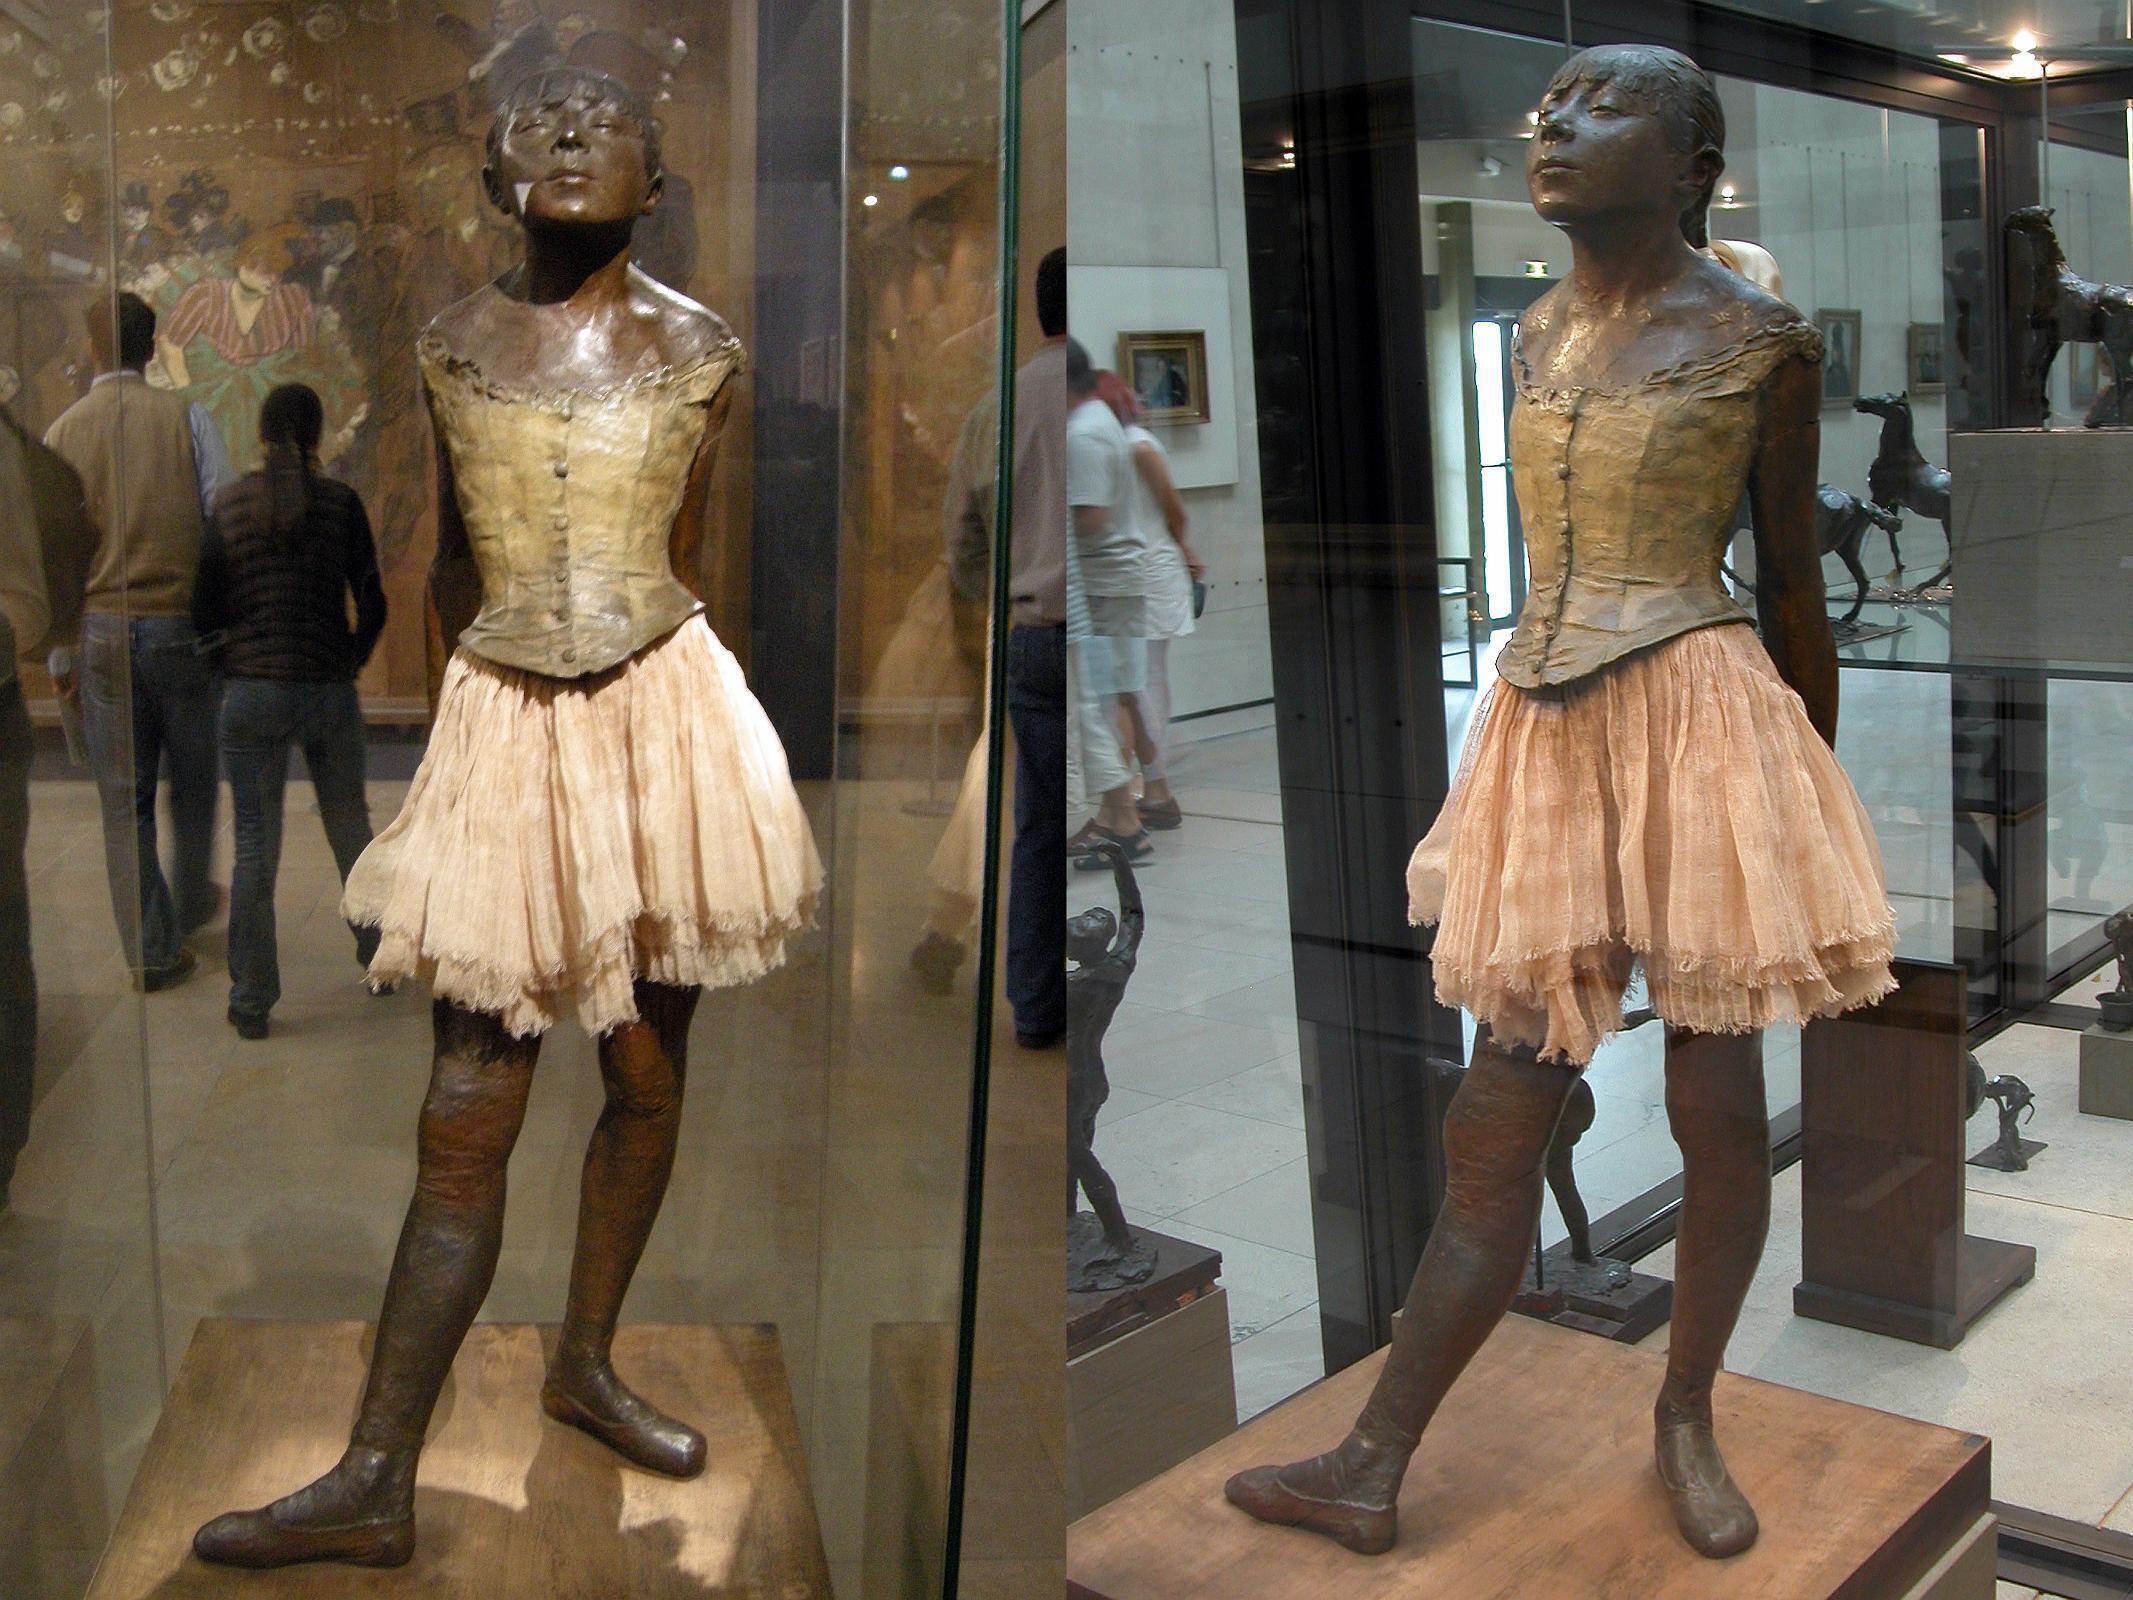 نمایشگاه ادگار دوگا، رقص، طراحی در موزه اورسی پاریس